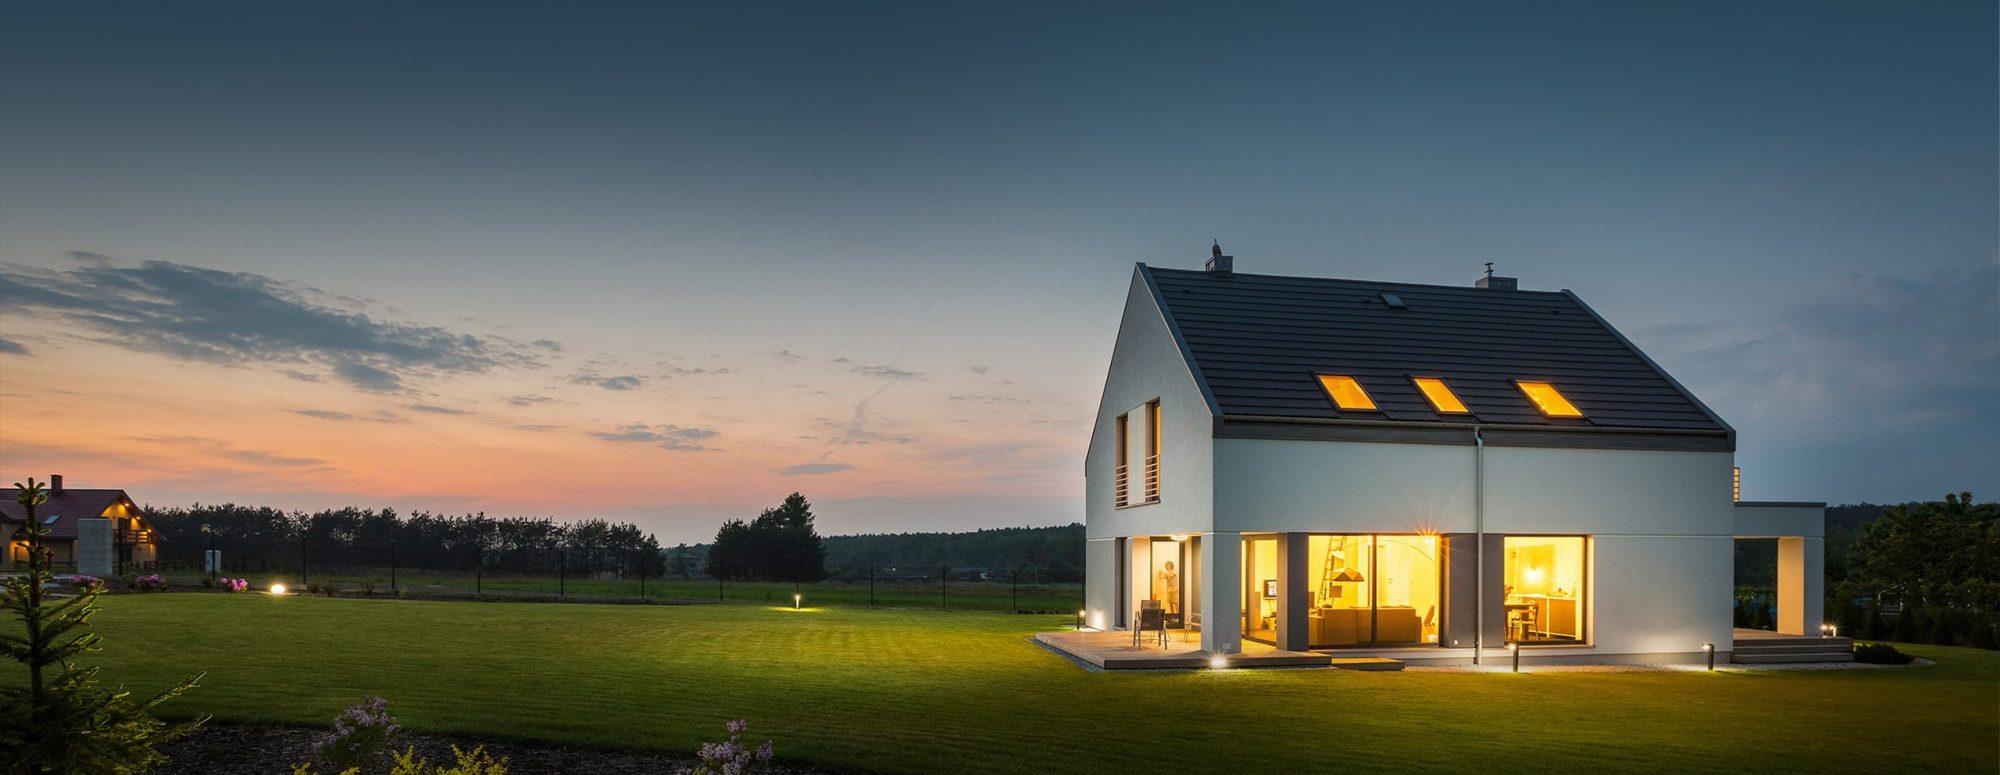 Domotica / Smart Home huis met Homey